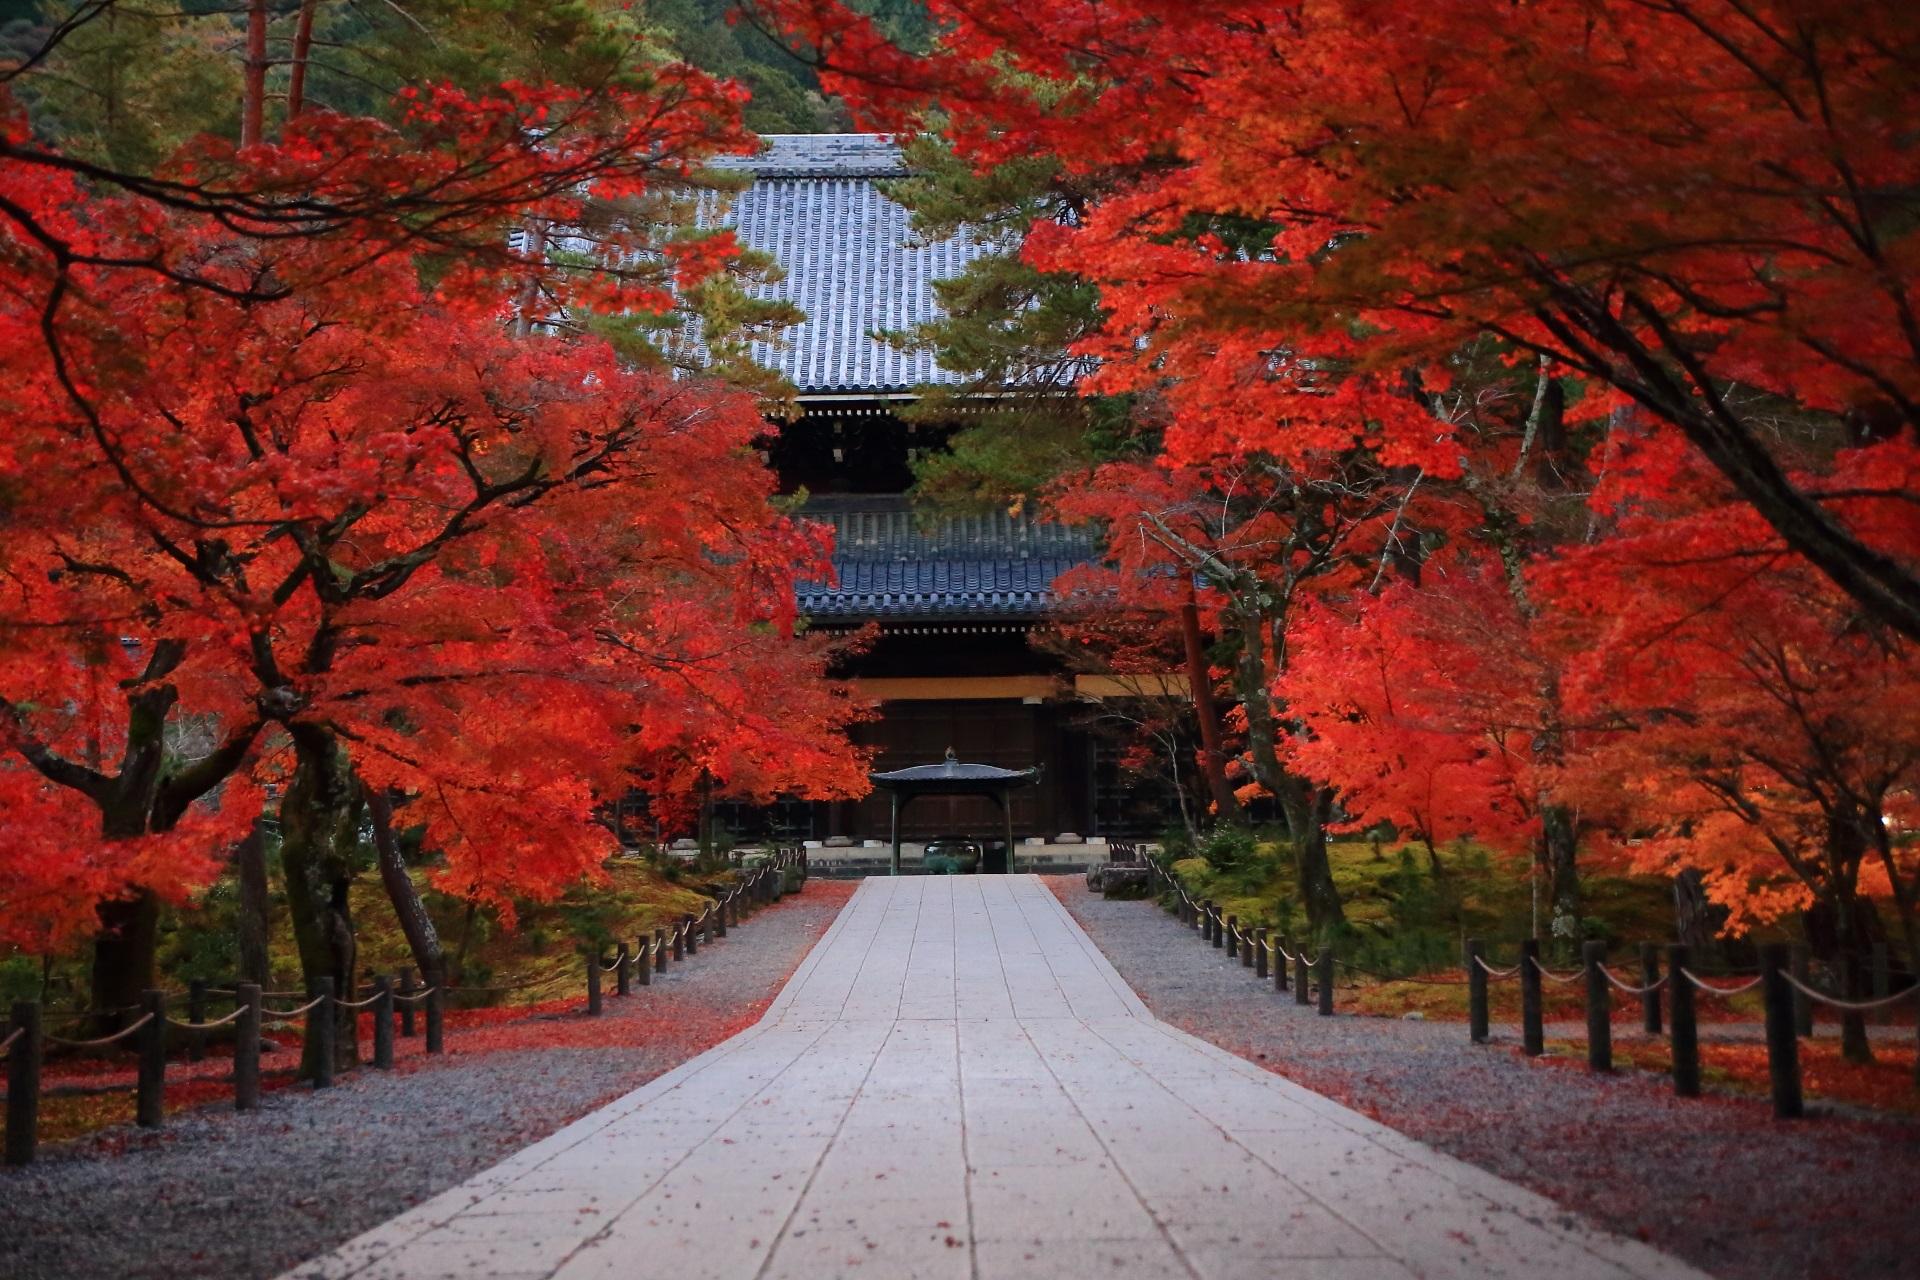 鮮やかな紅葉に彩られる南禅寺の法堂